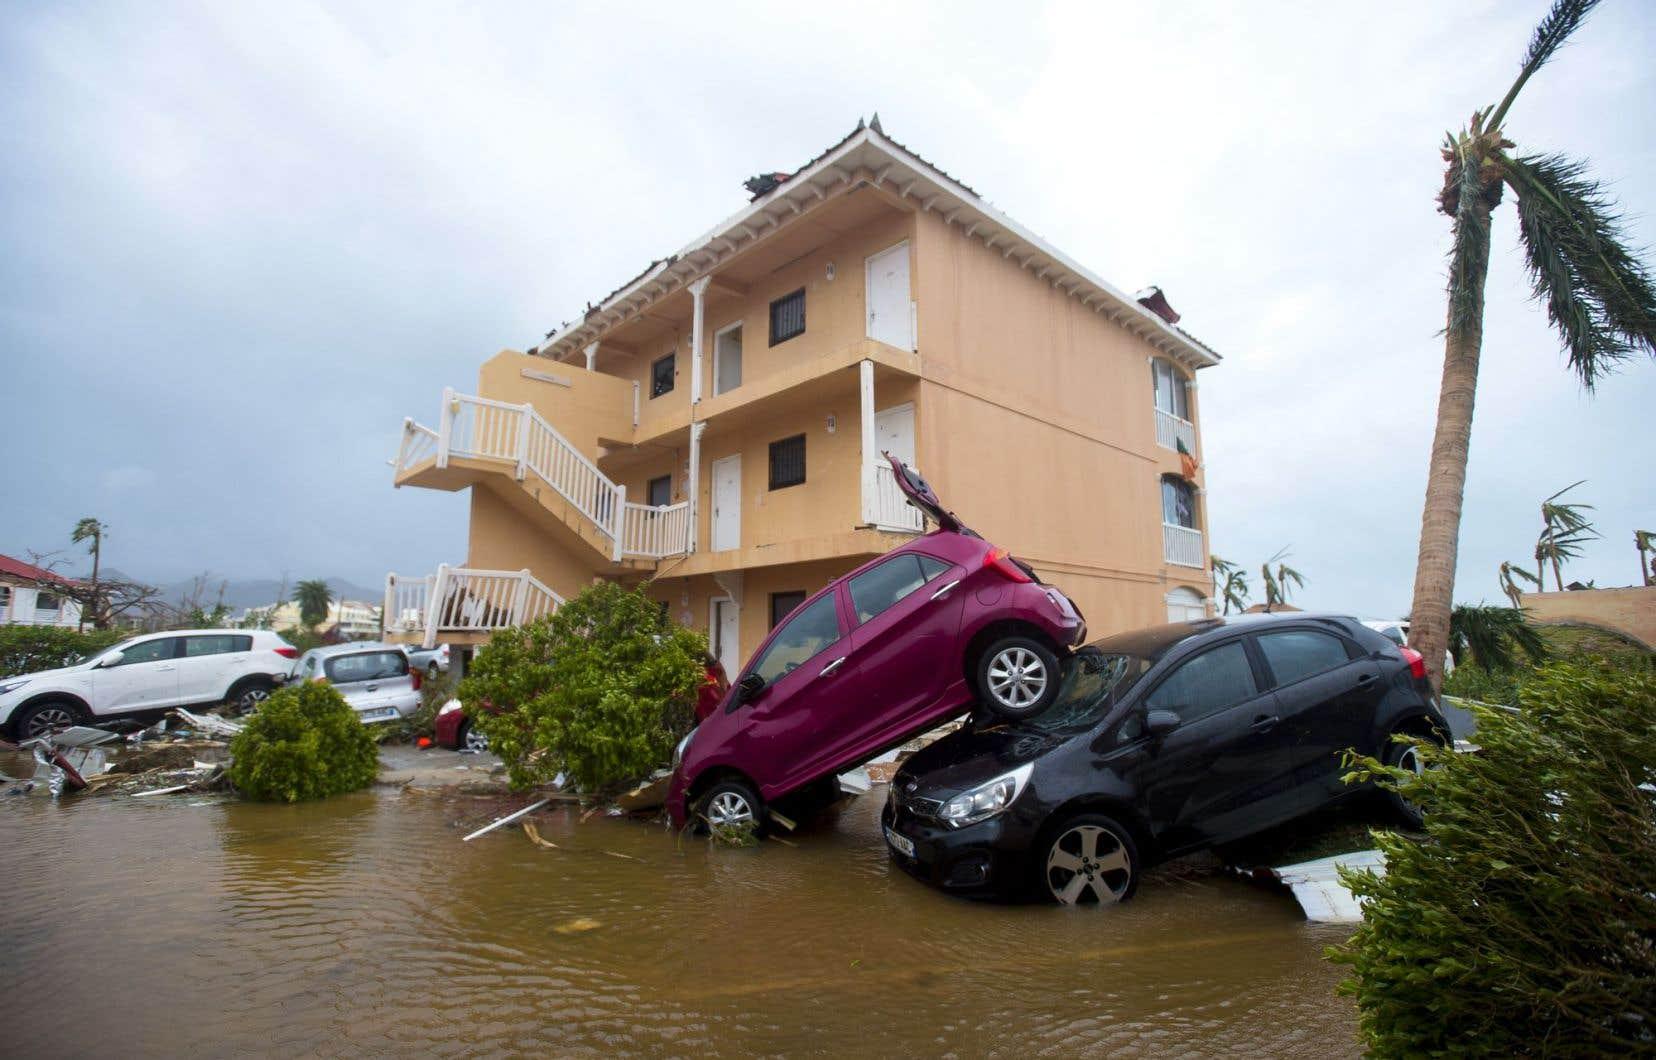 Le bilan risque de s'alourdir à Saint-Martin (ci-dessus) et Saint-Barthélemy, puisque les secouristes n'ont pas encore pu se rendre partout.